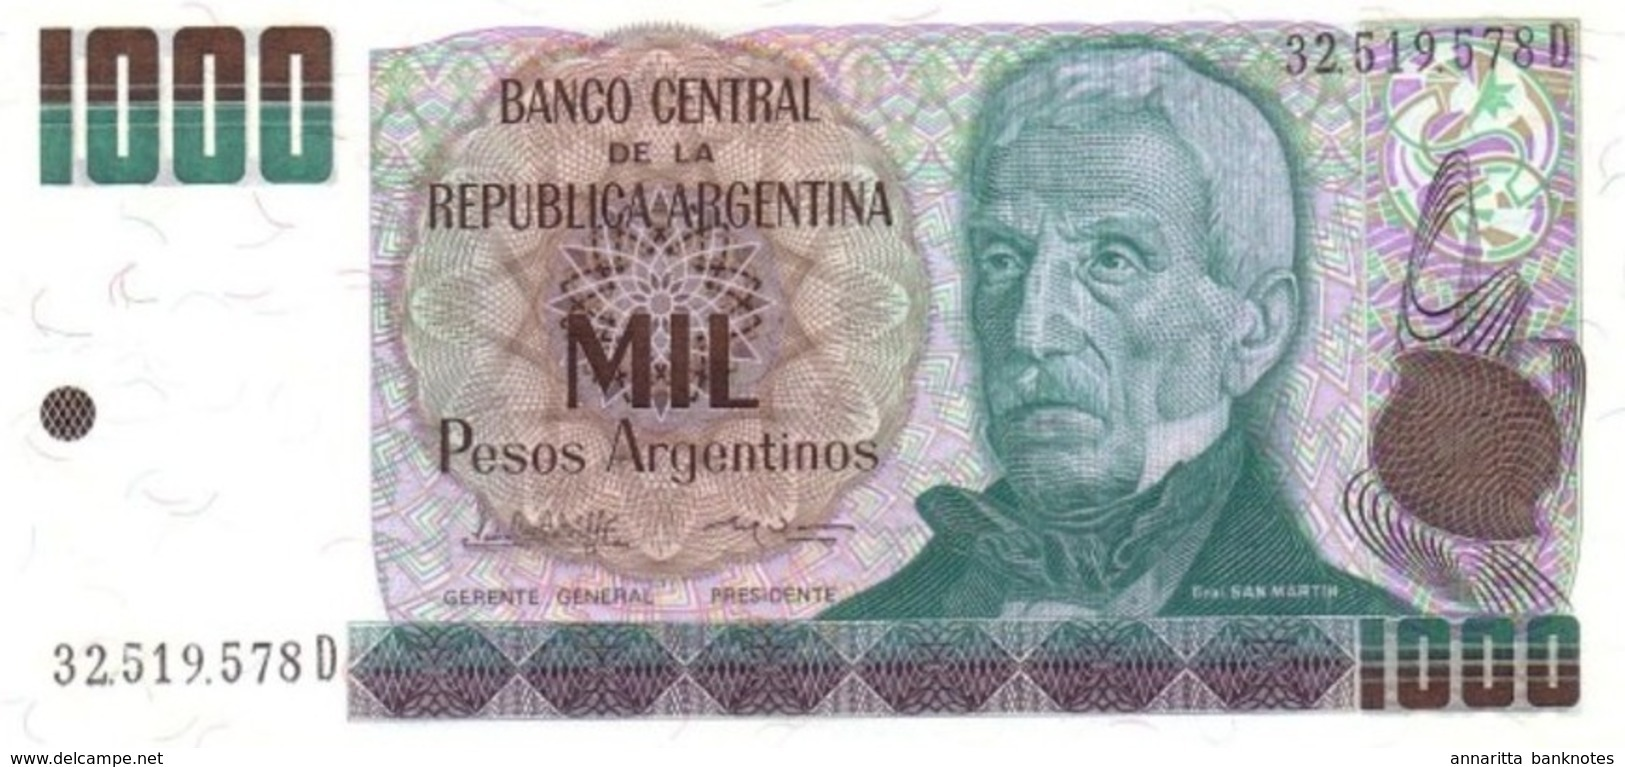 ARGENTINE 1000 PESOS ARGENTINOS 1985 P-317b UNC SIGN. LOPEZ & VAZQUEZ [AR317b] - Argentina